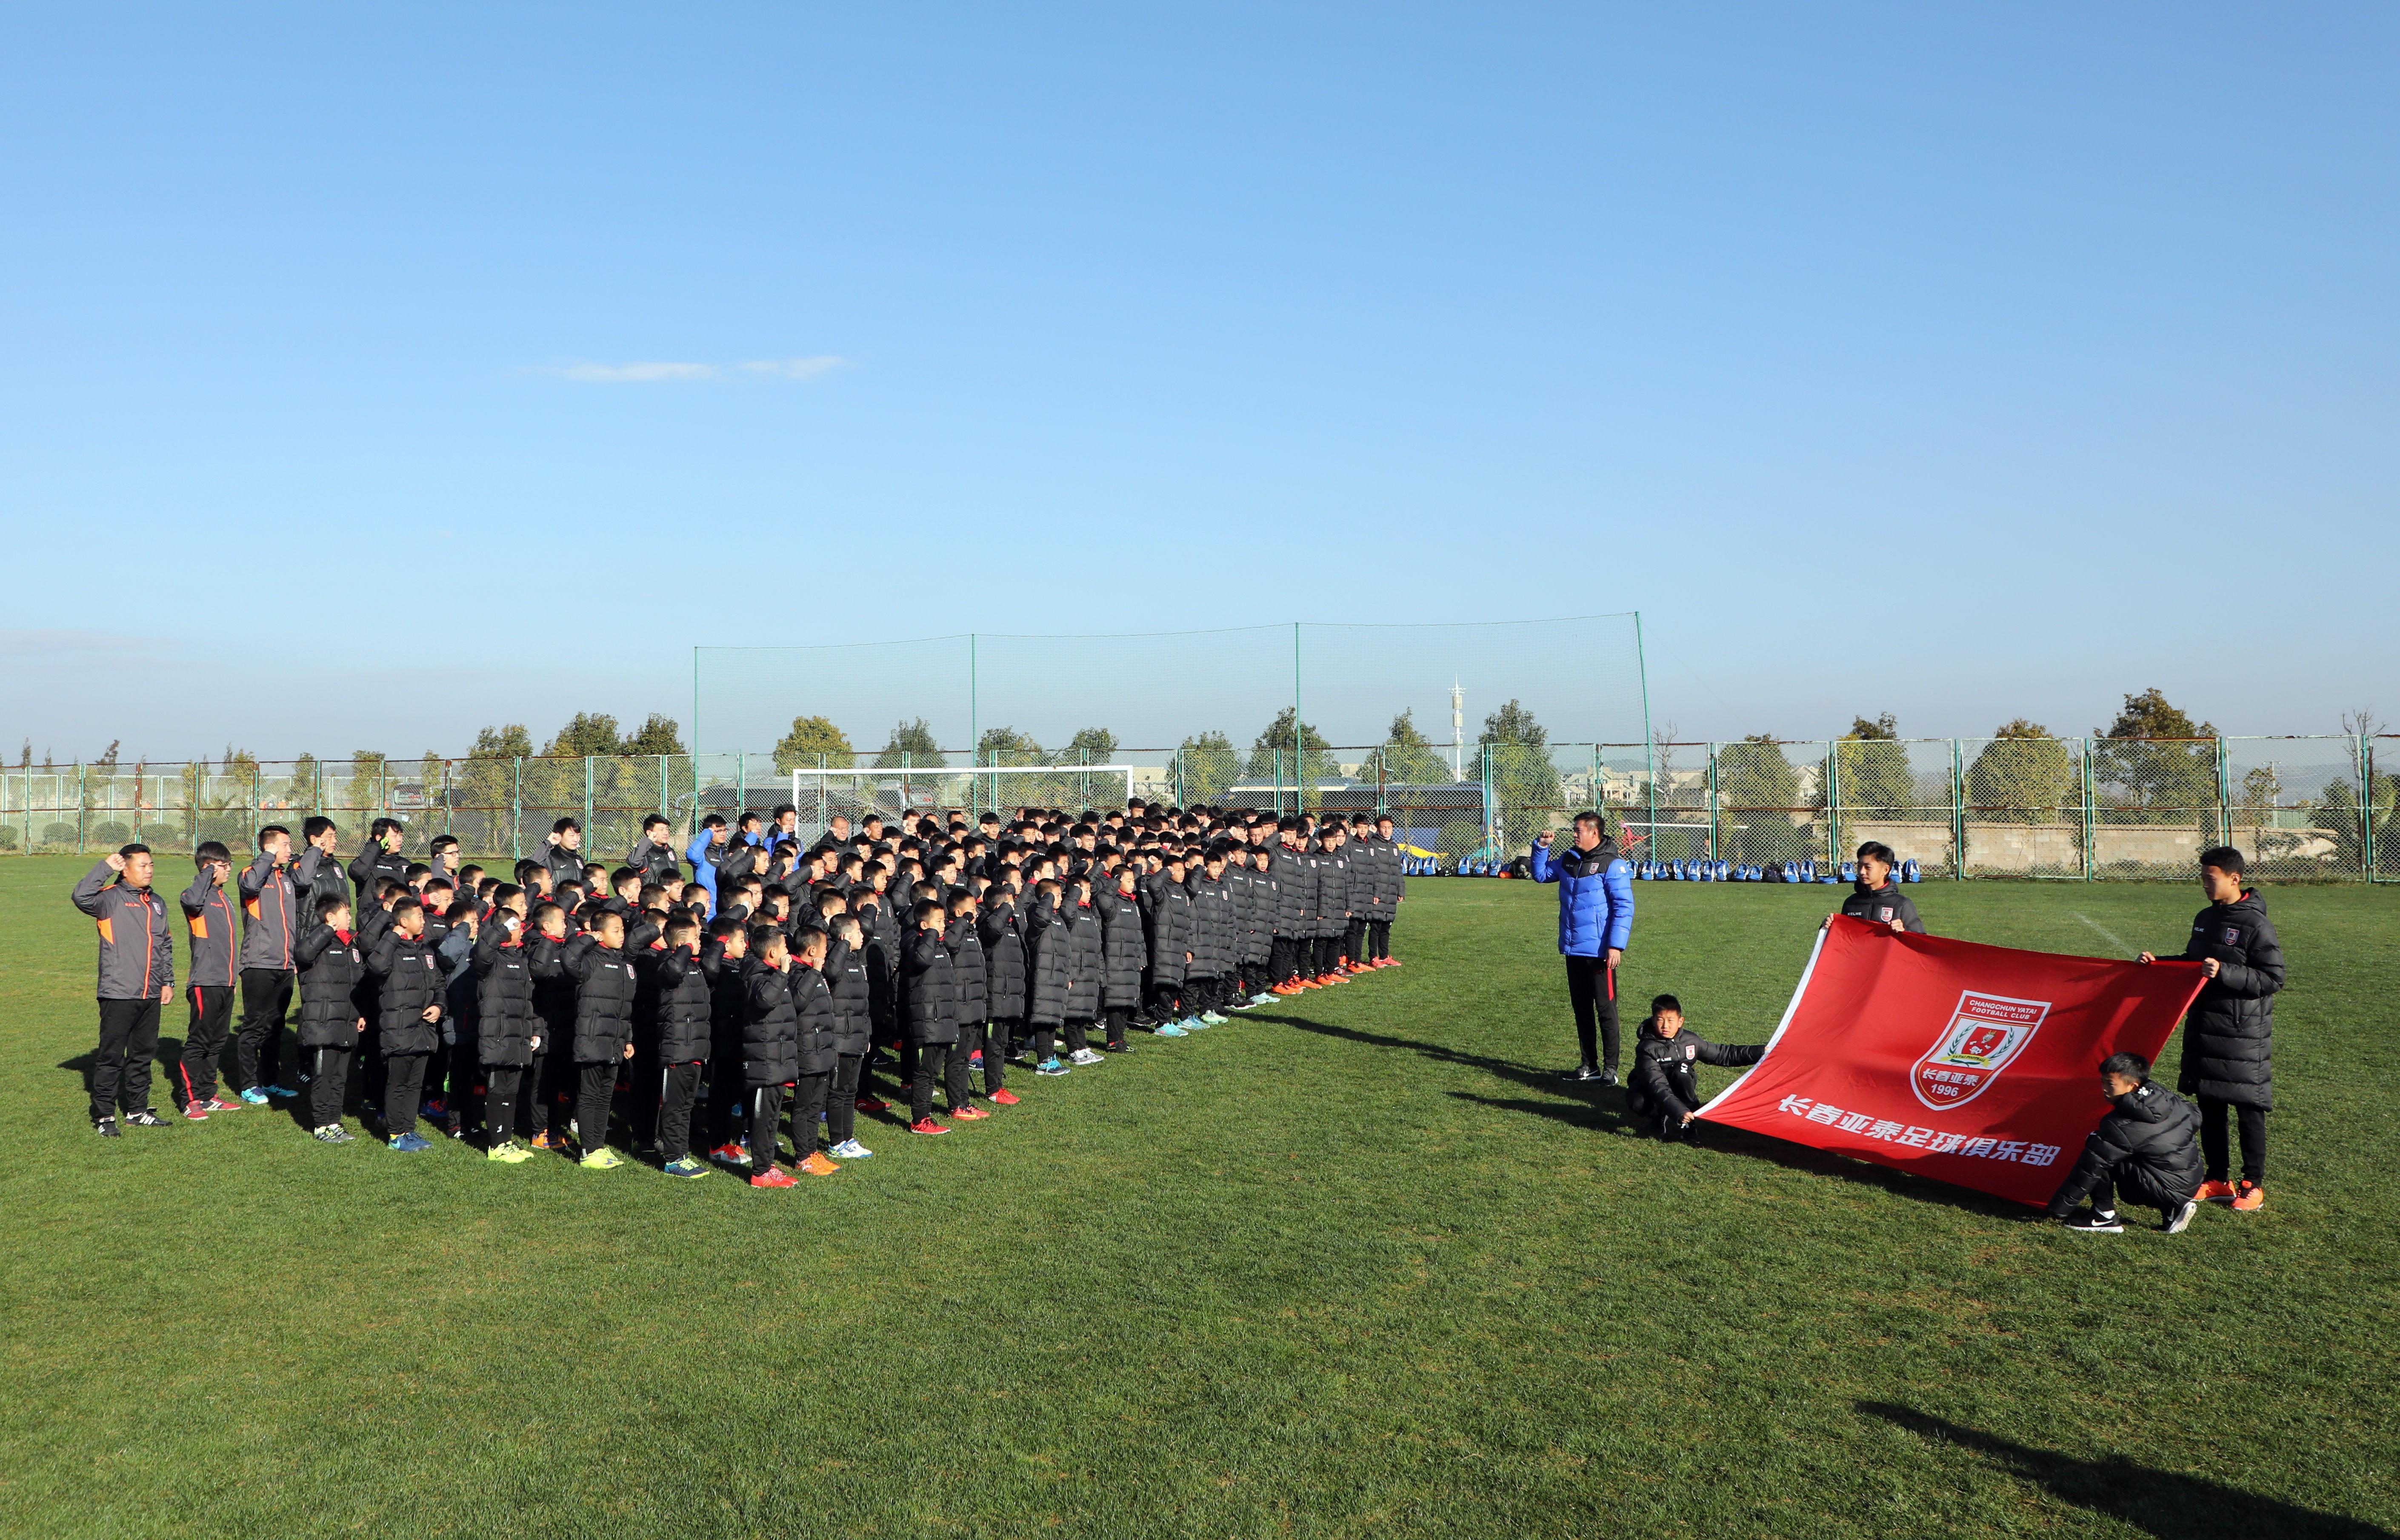 亚泰梯队举行迎新宣誓仪式,为长春荣誉而战,为中国足球而战